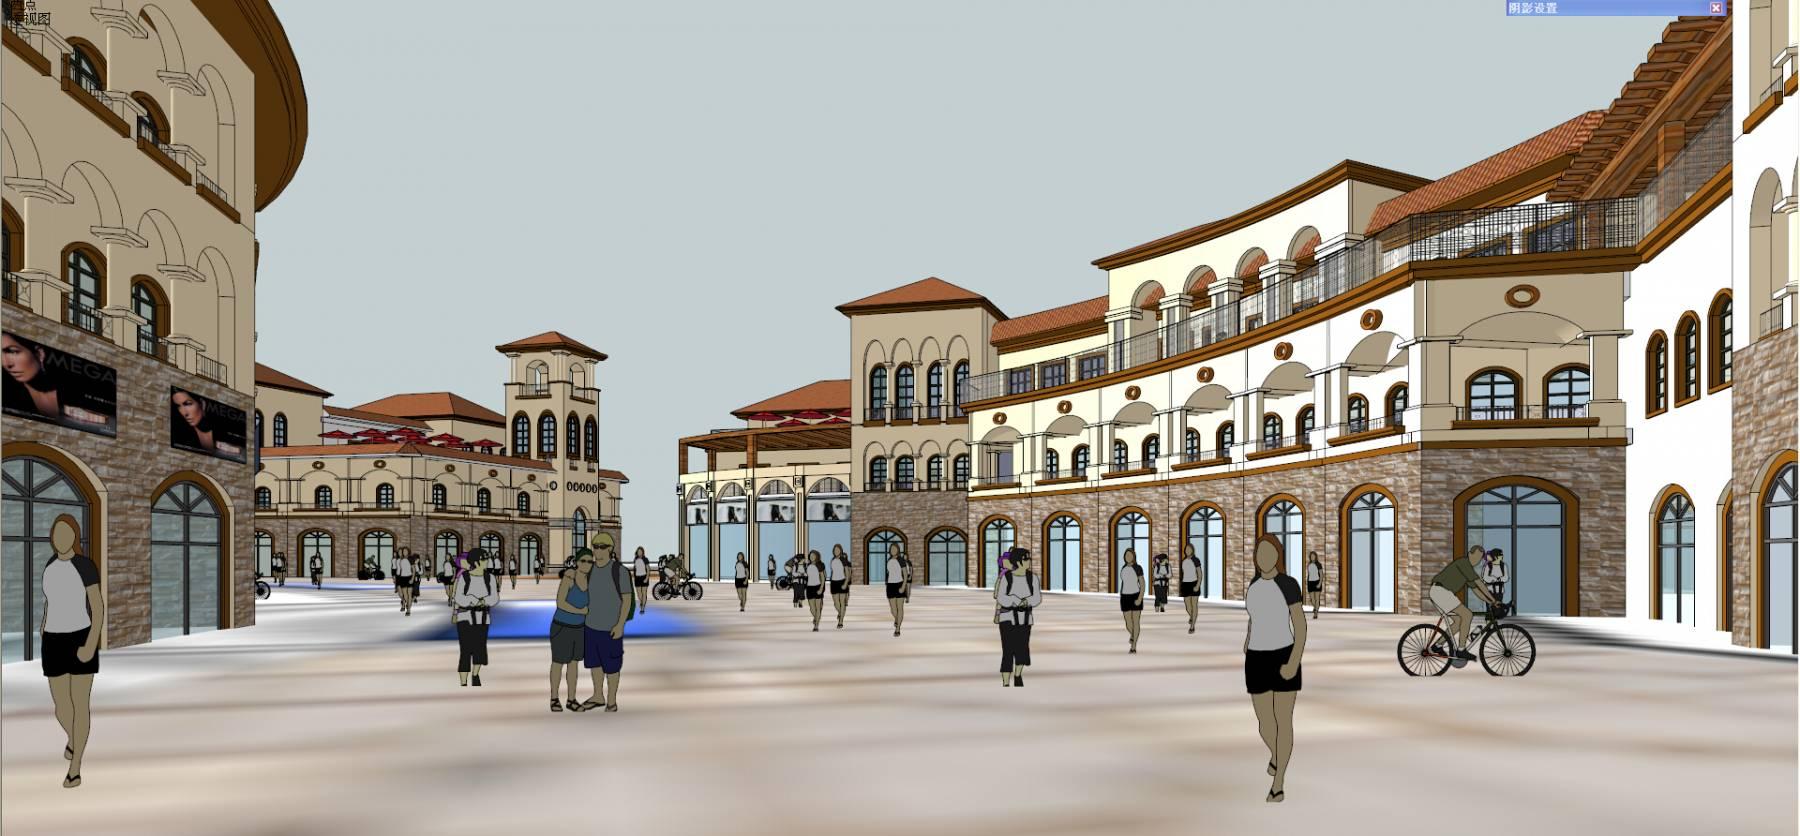 豪德敦化 西班牙风格商业街